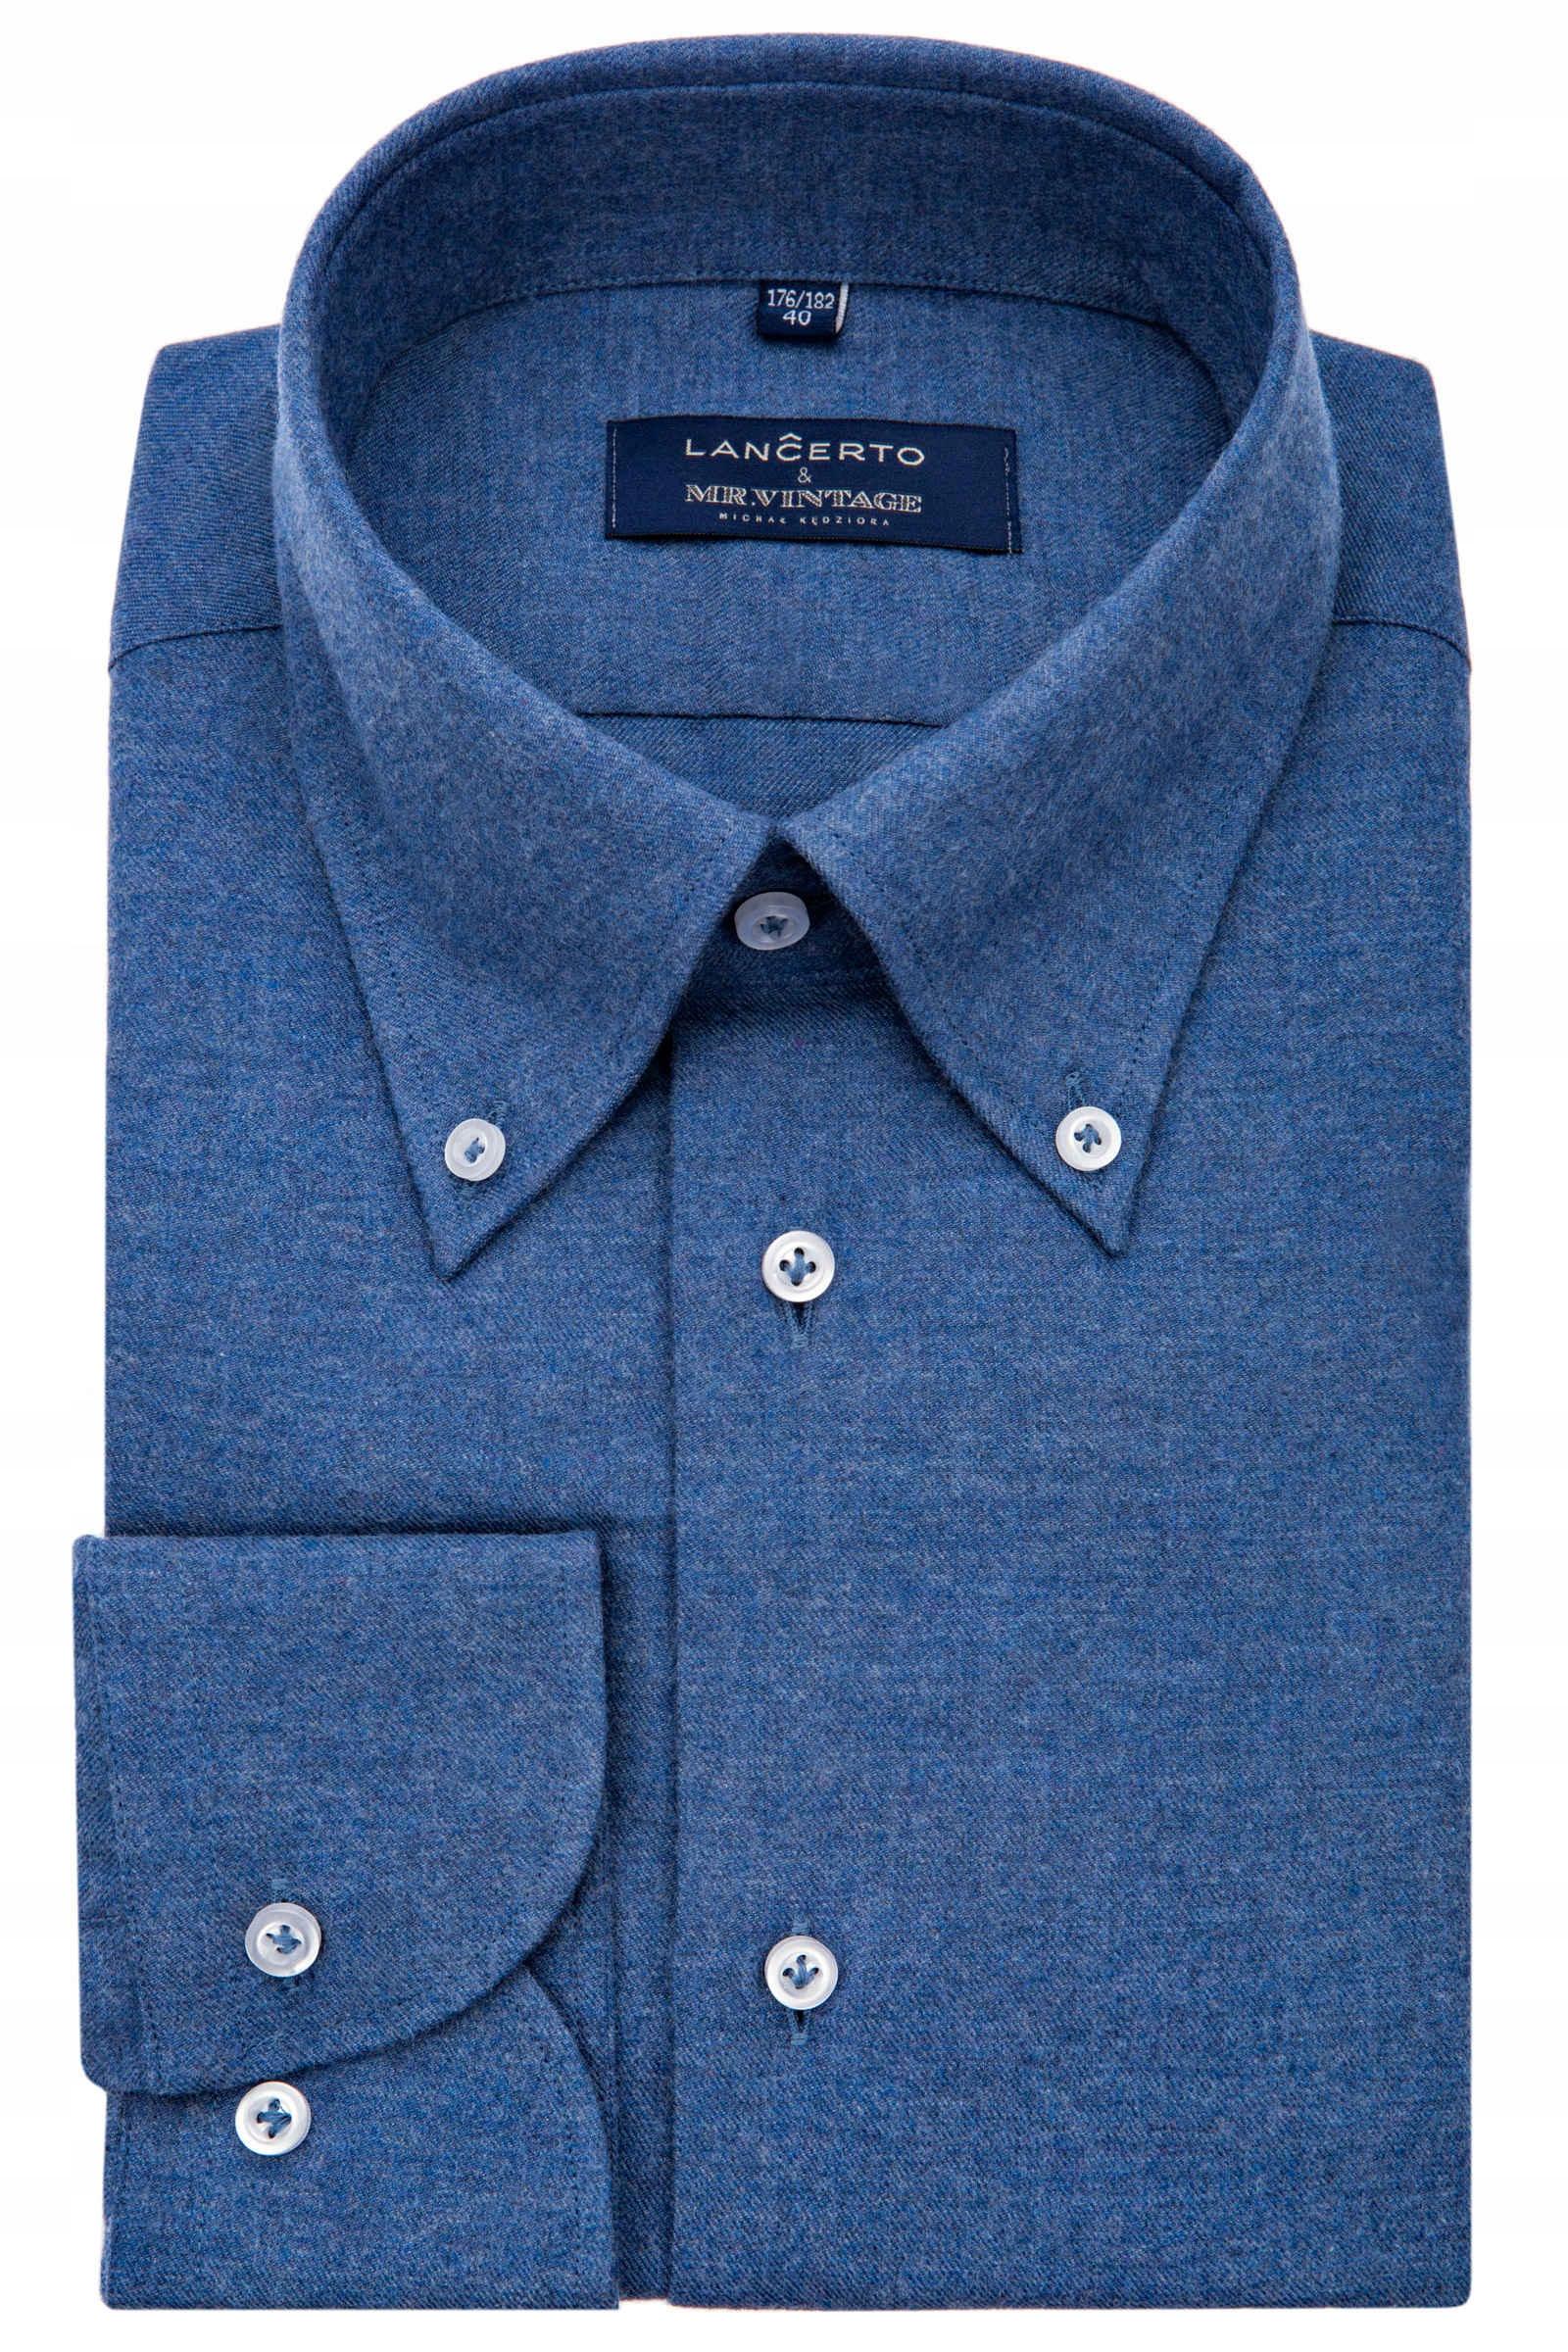 Lancerto tričko&Pán Vintage Calvin 176/40